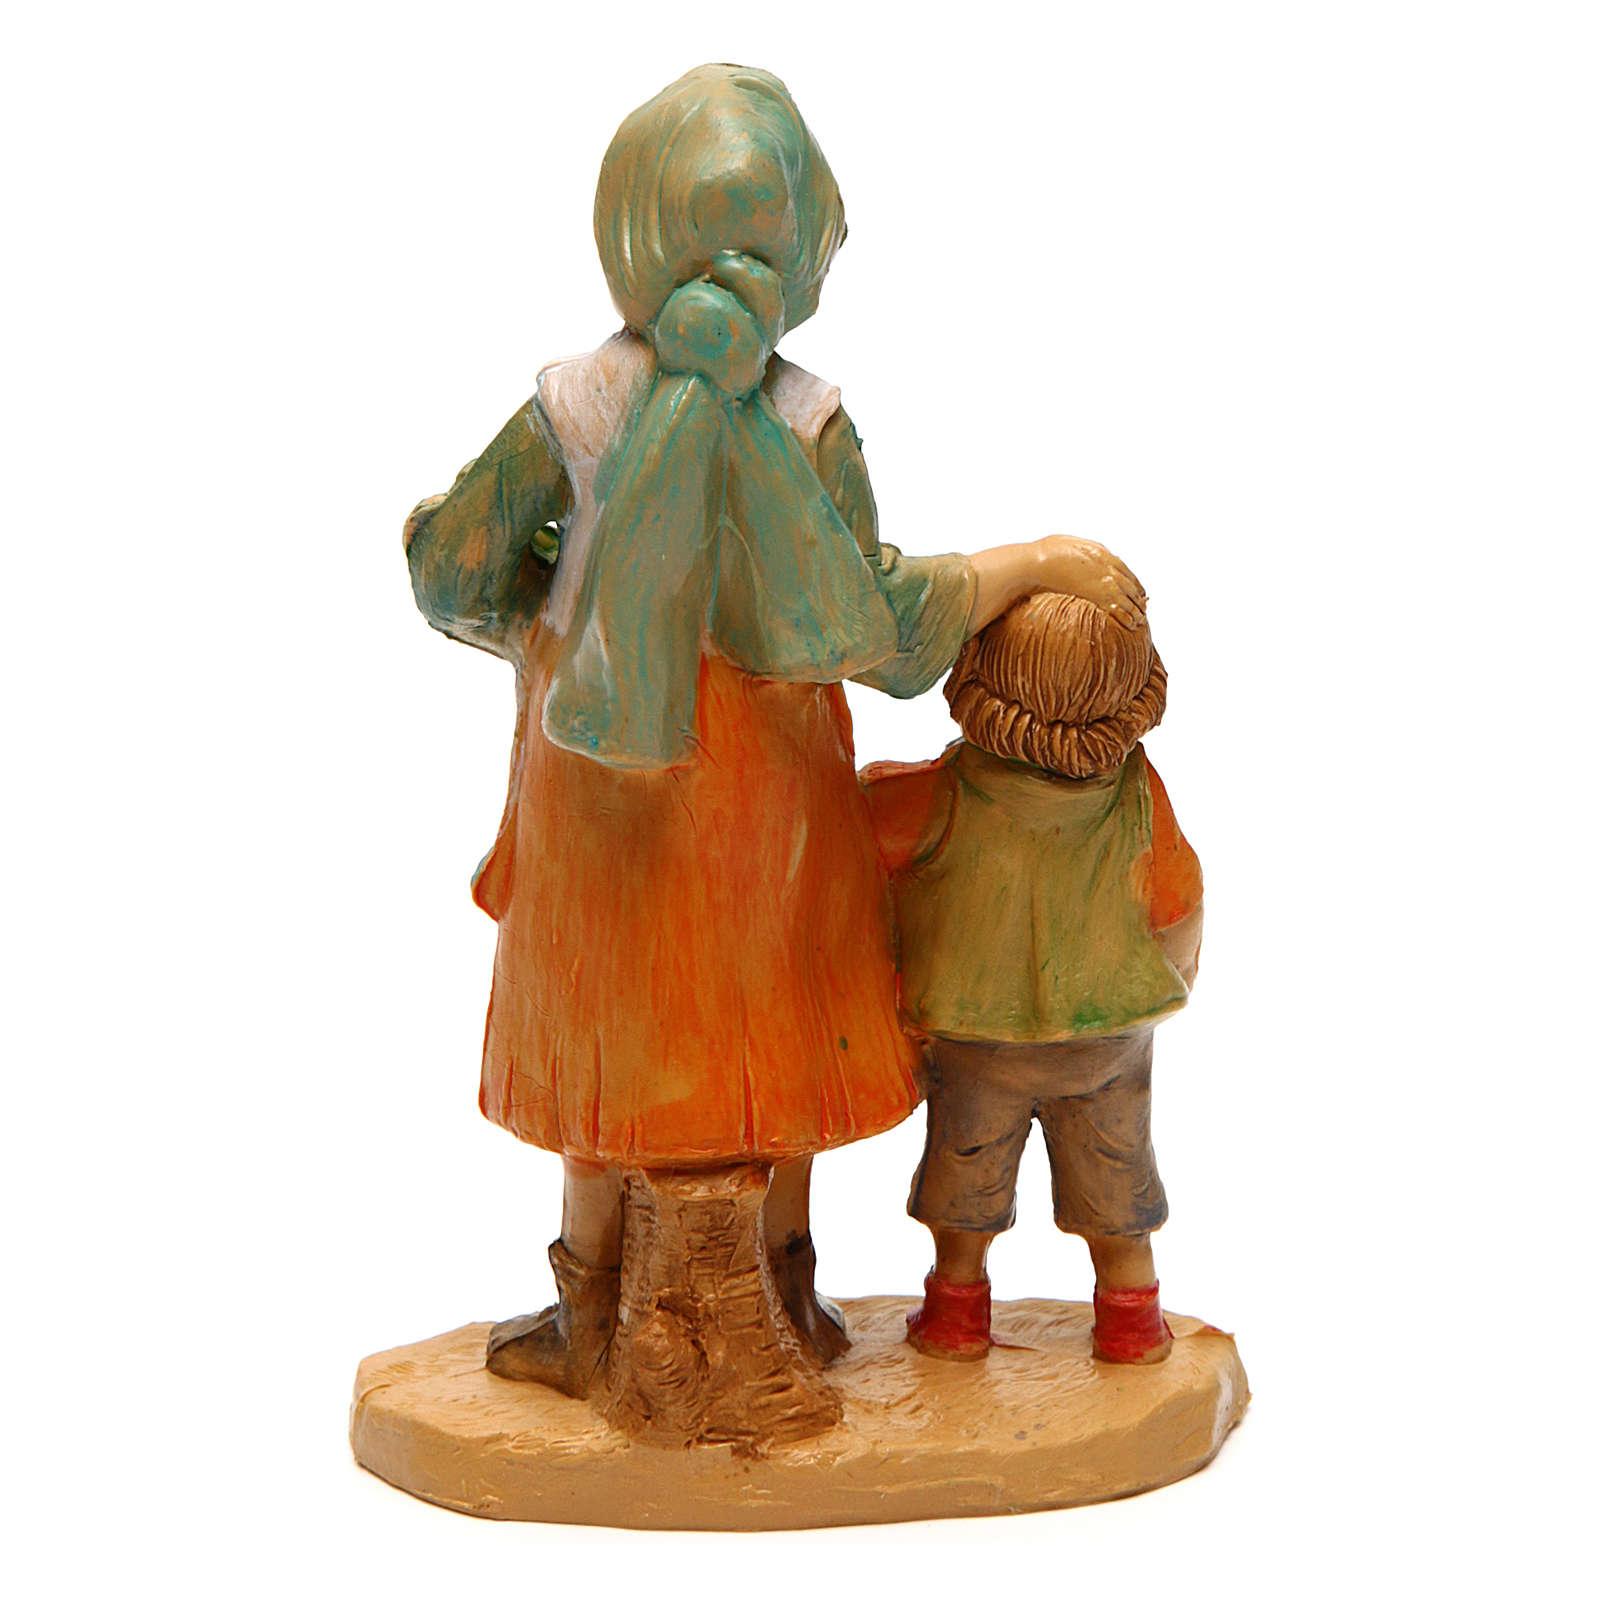 Femme avec enfant à côté 10 cm crèche 3